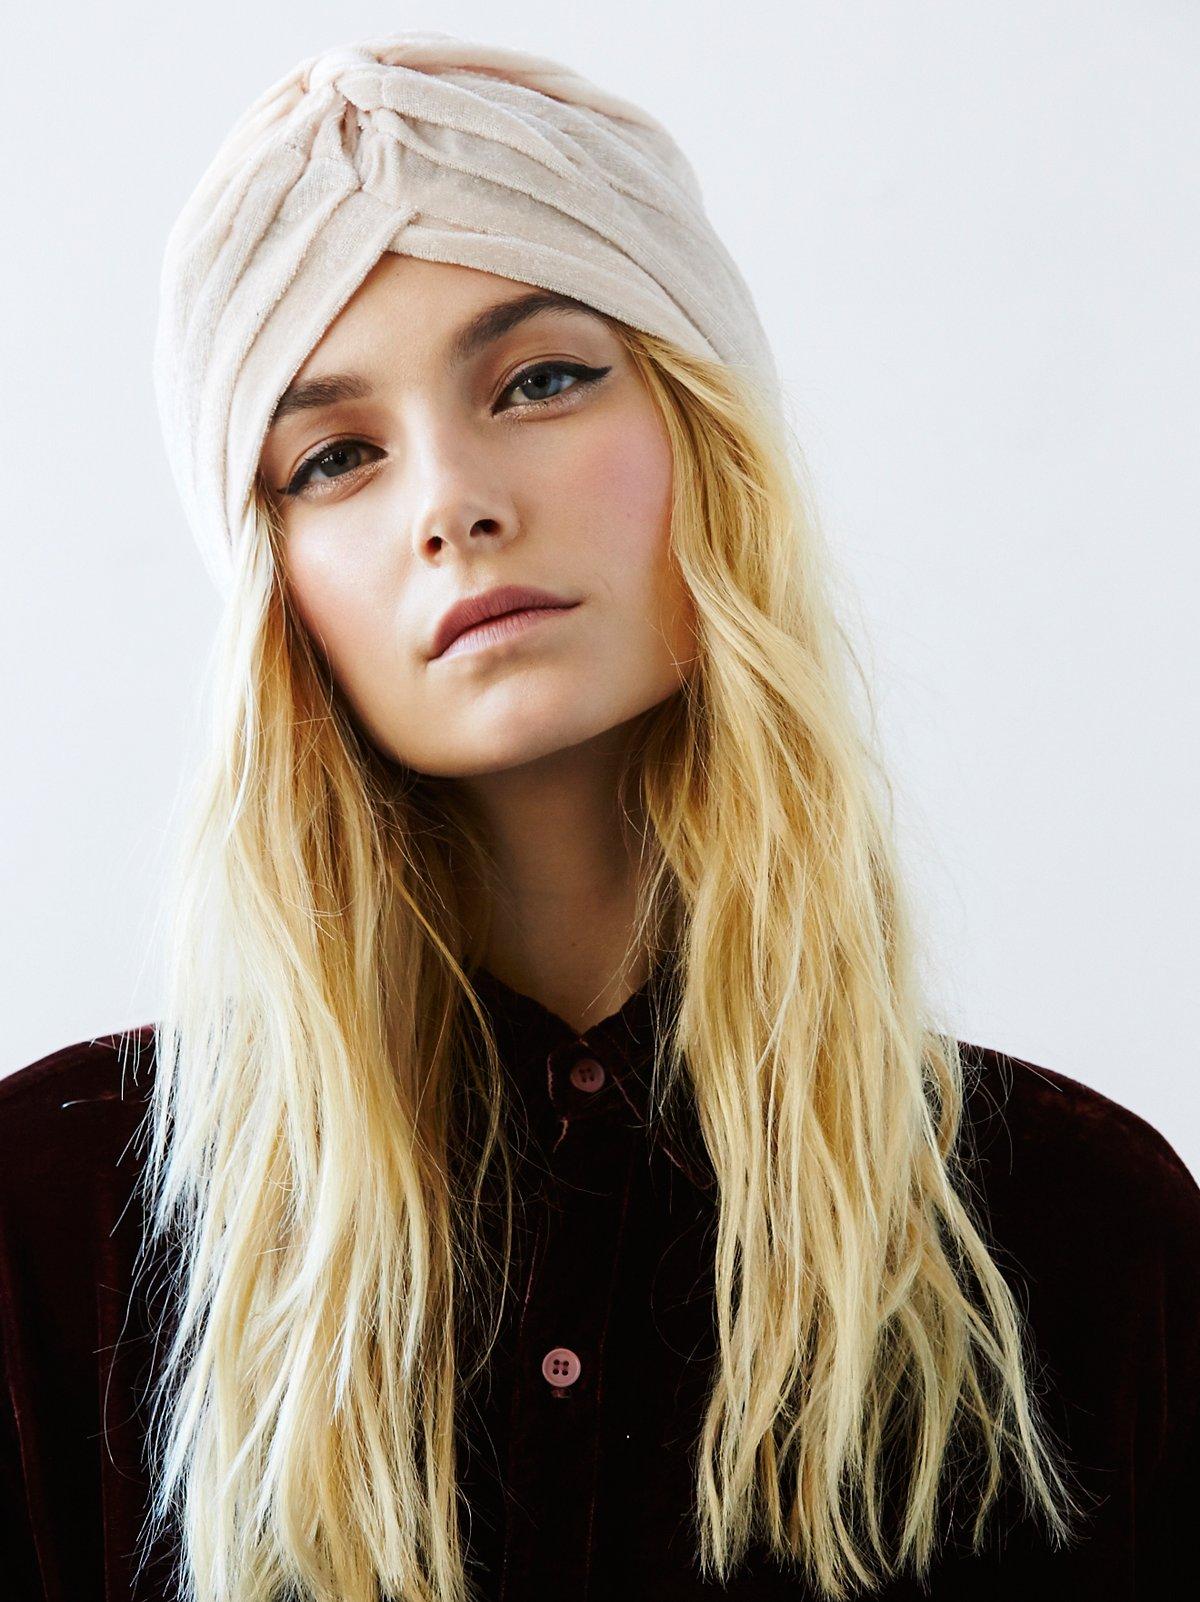 Mary Jane天鹅绒头巾